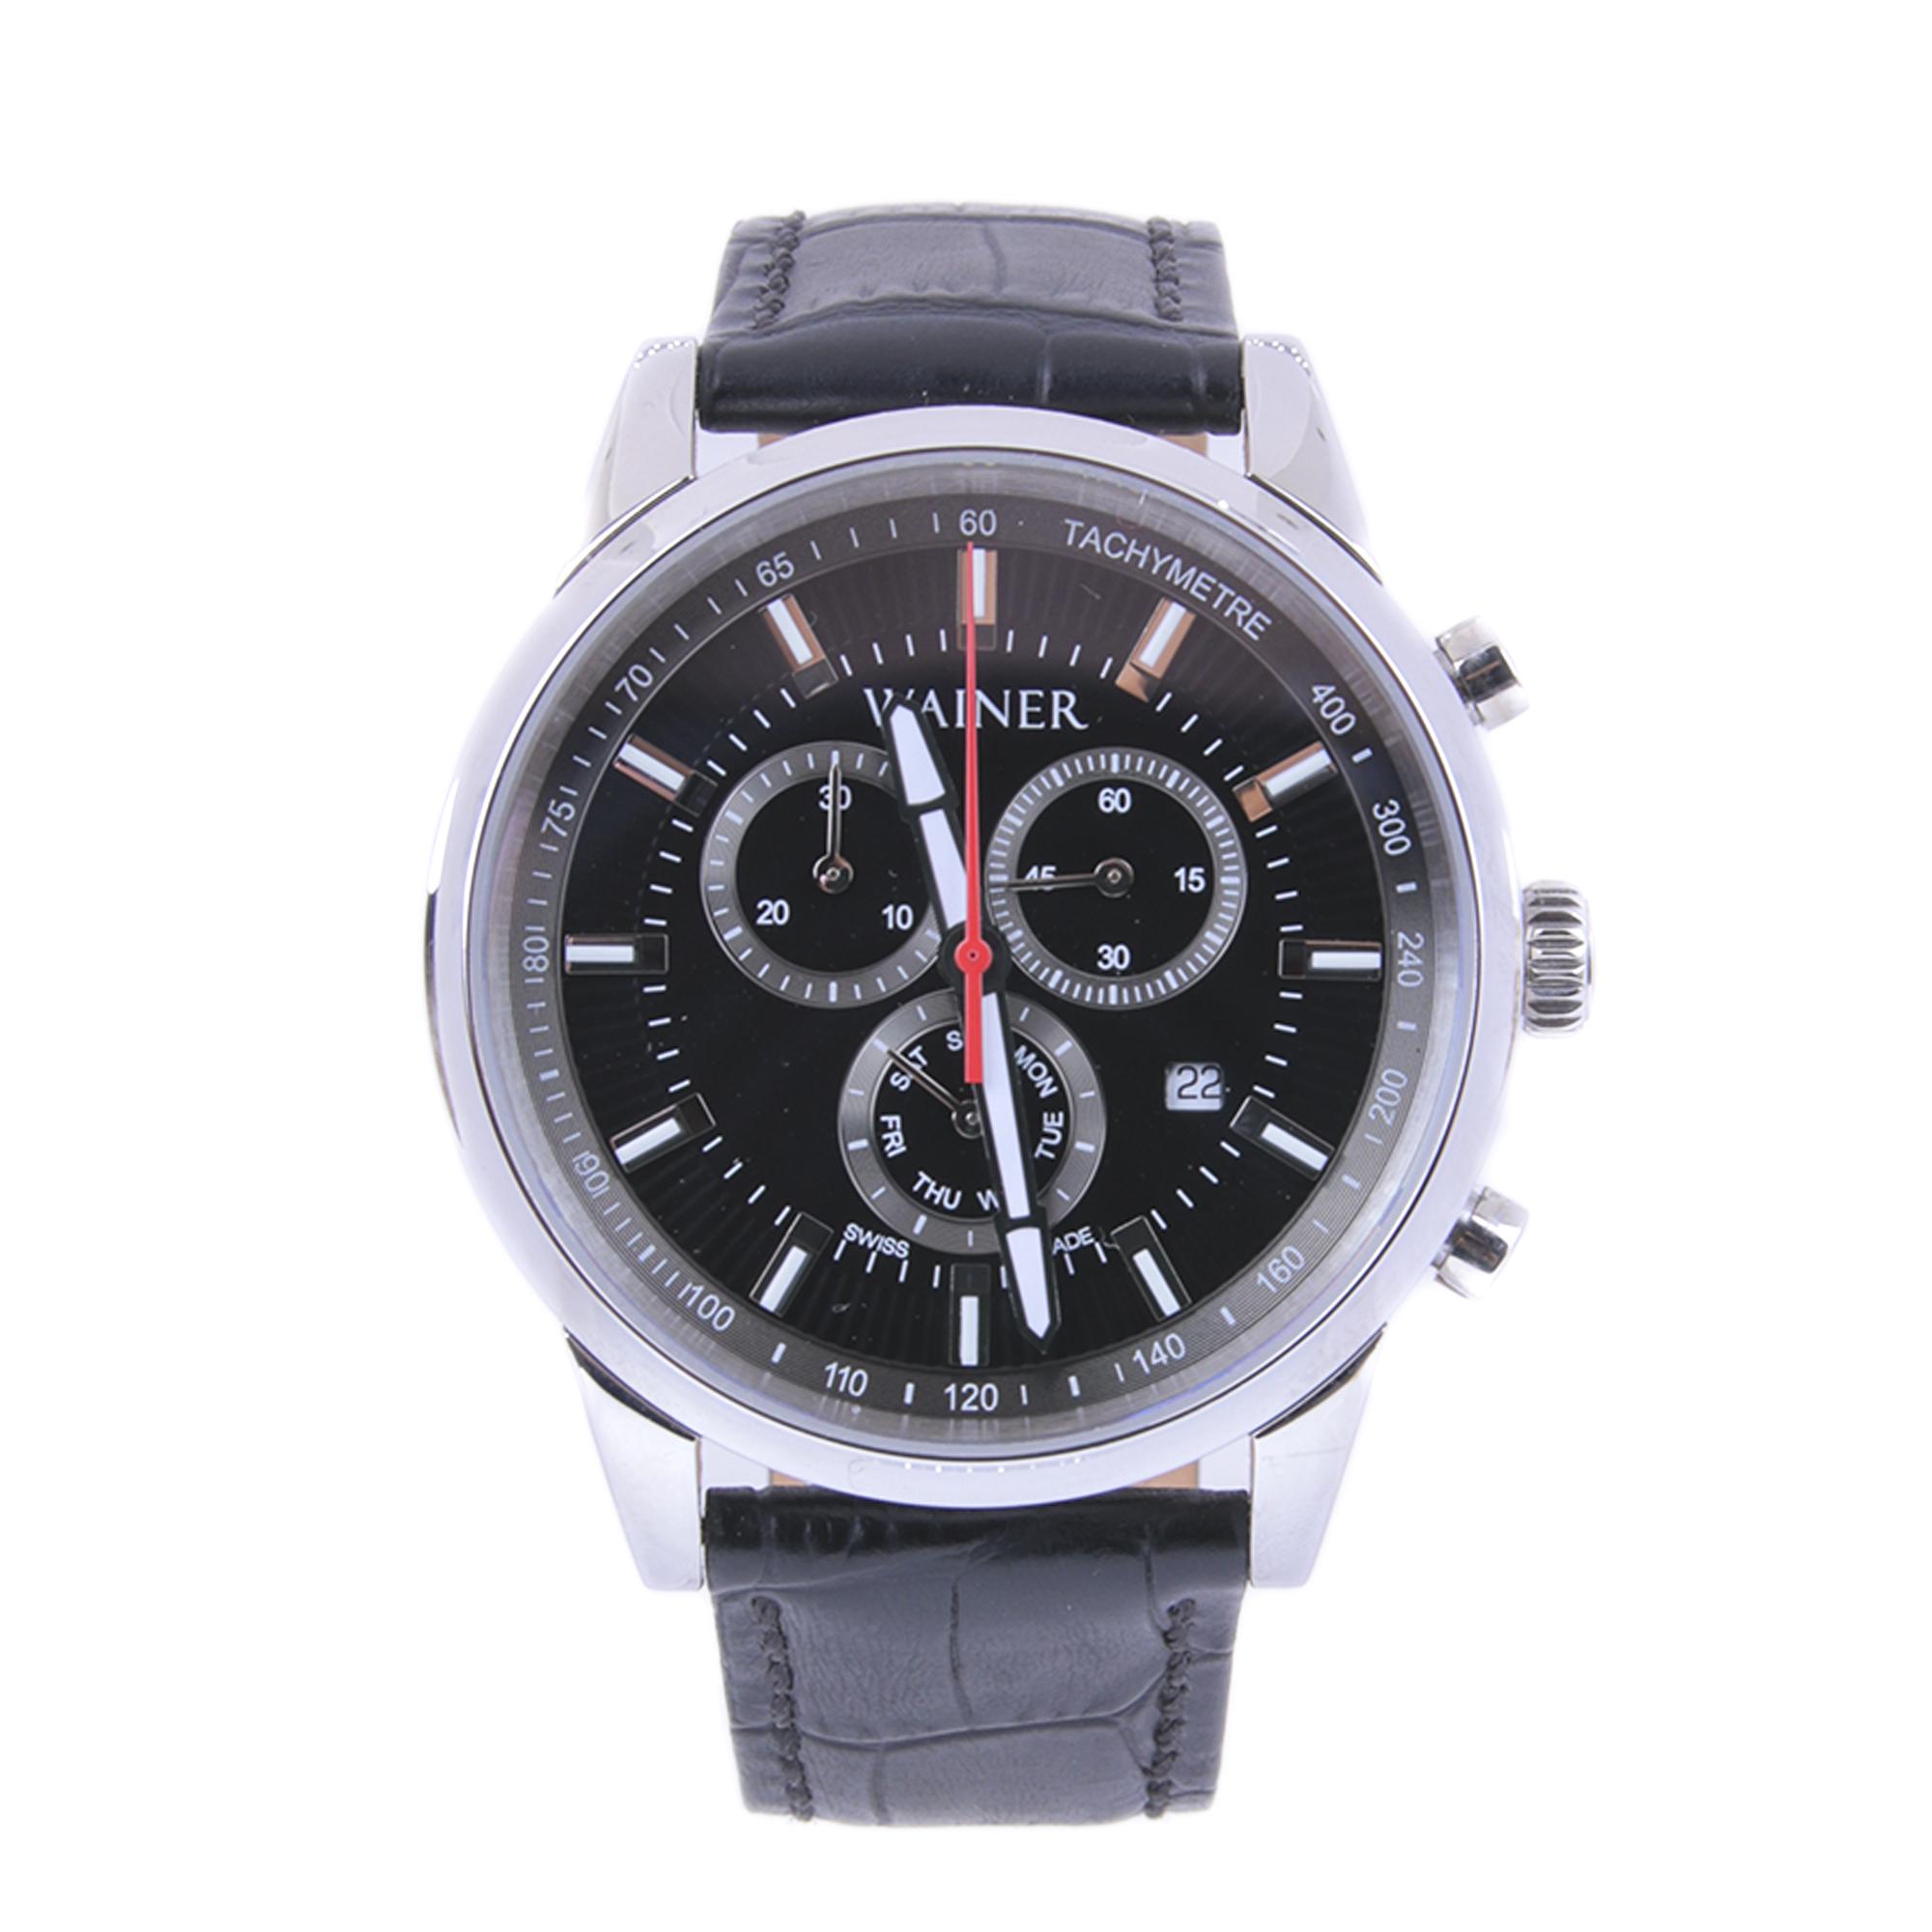 ساعت مچی  مردانه واینر مدل WA.17910-A              اصل